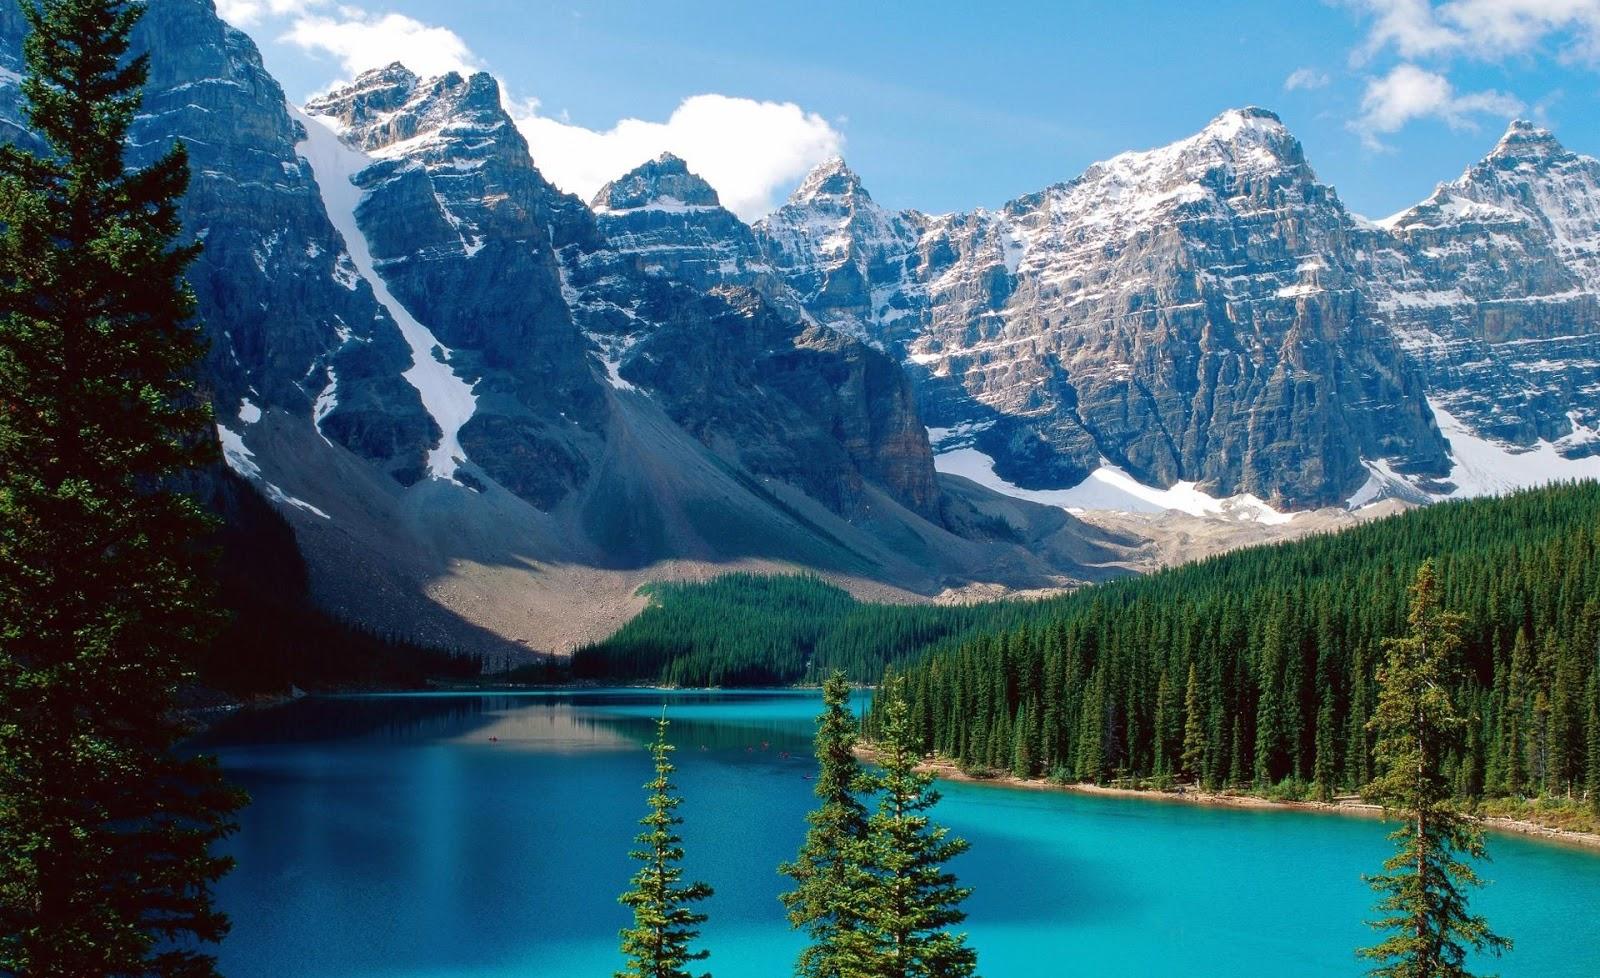 http://2.bp.blogspot.com/-Fo3df-_6IVc/T0y9N9jPpfI/AAAAAAAAOZY/eEDOijKhZWU/s1600/Himalayas%2B17.jpg